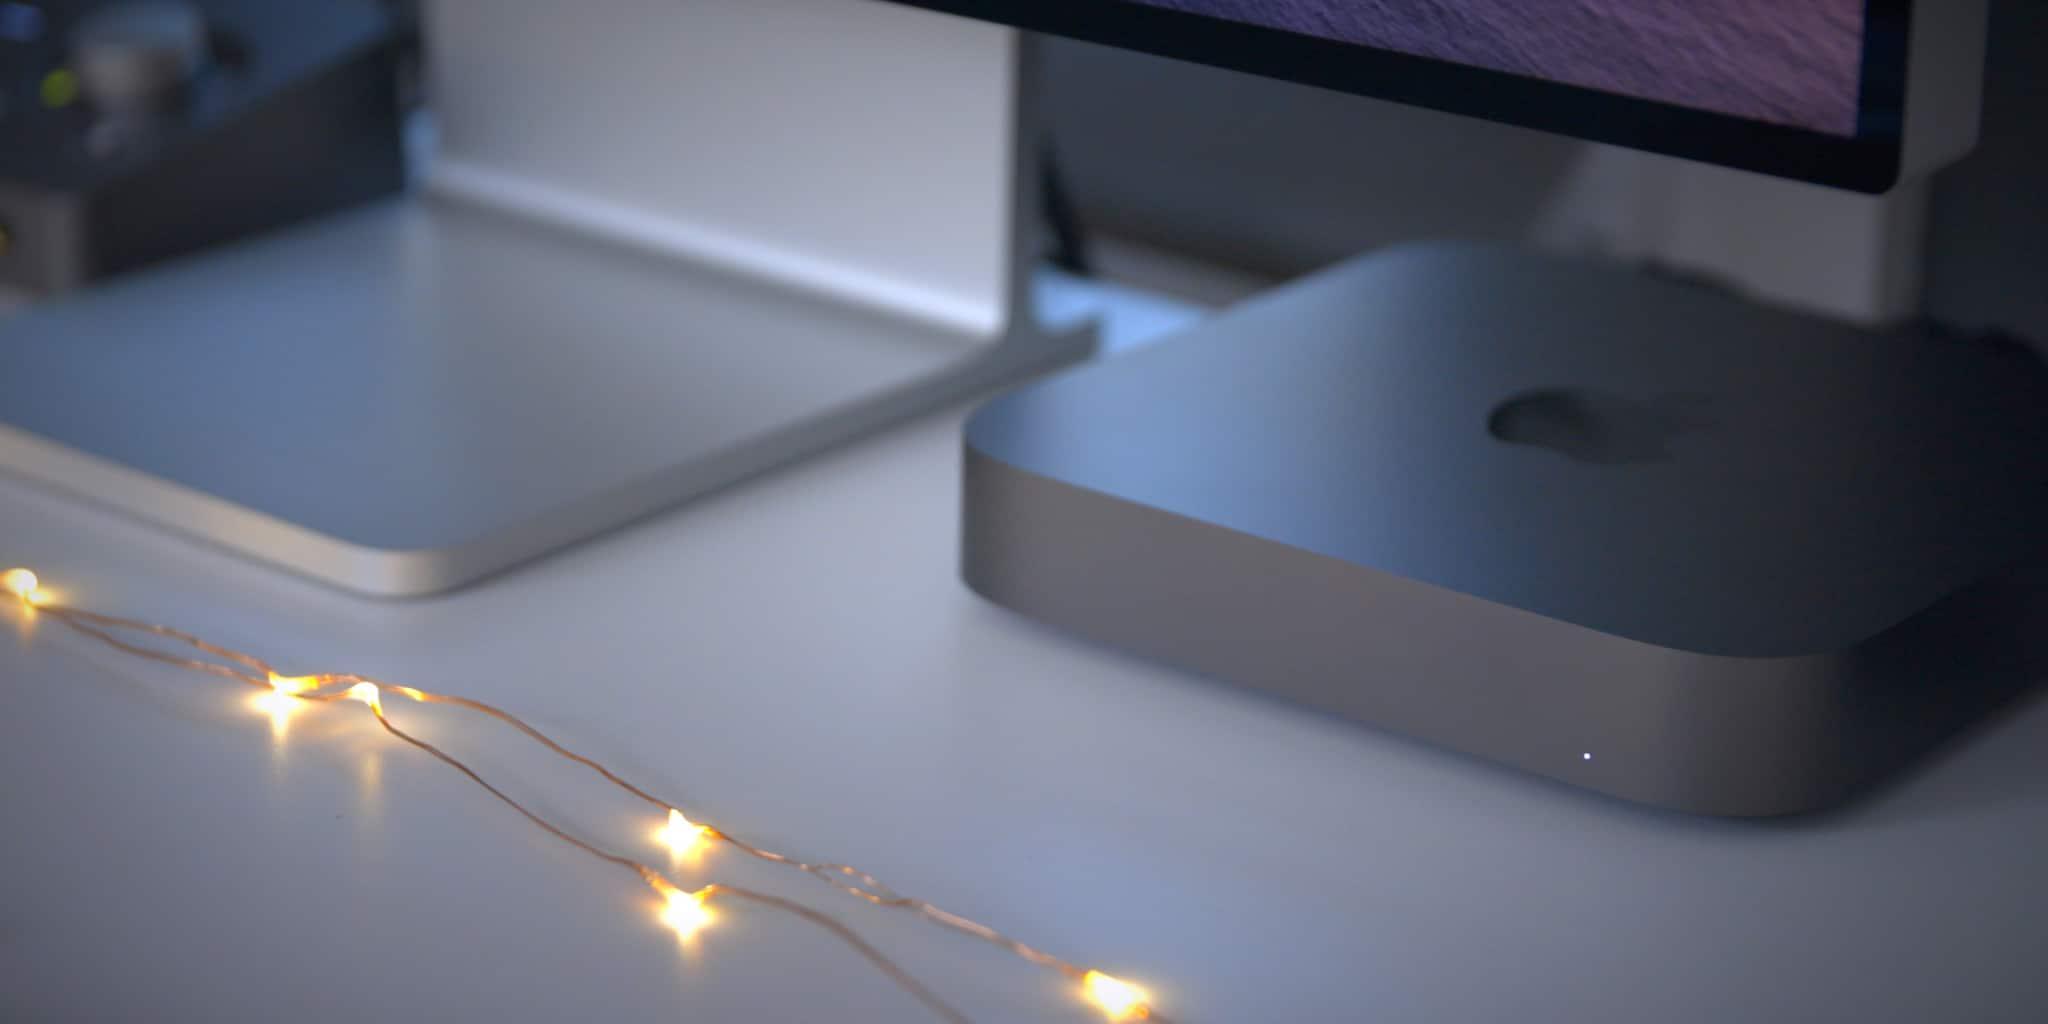 laptopvang-ngoai-hinh-Mac-mini-2020